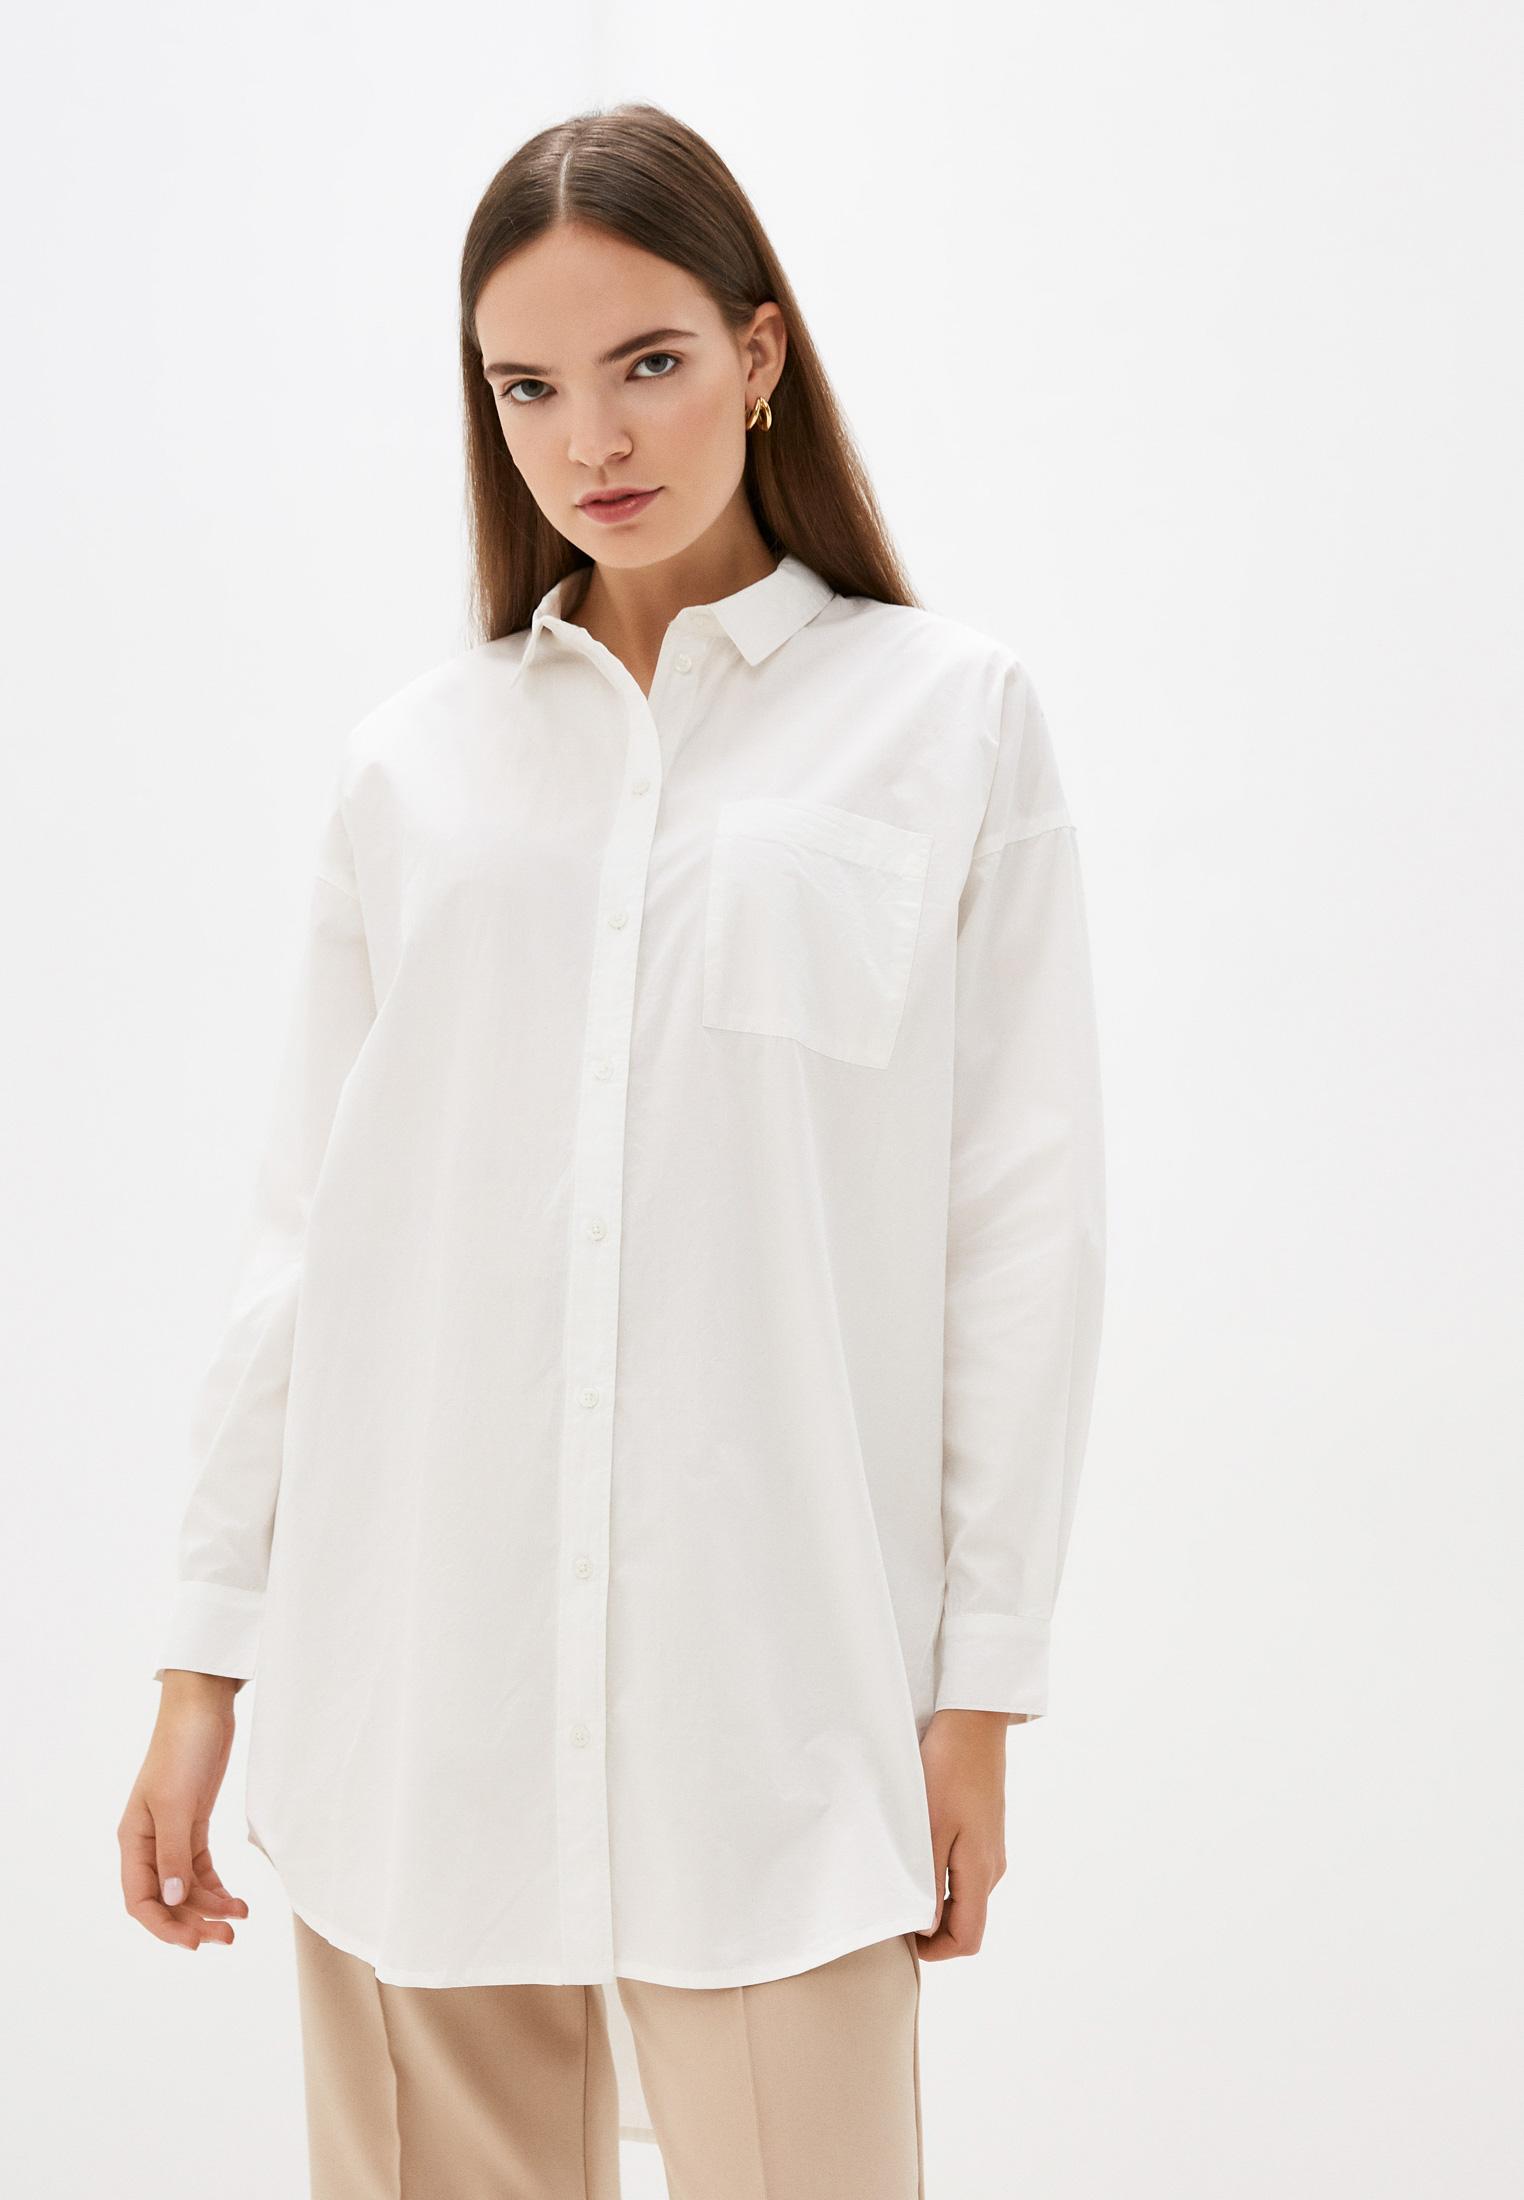 Женские рубашки с длинным рукавом Ichi (Ичи) Рубашка Ichi